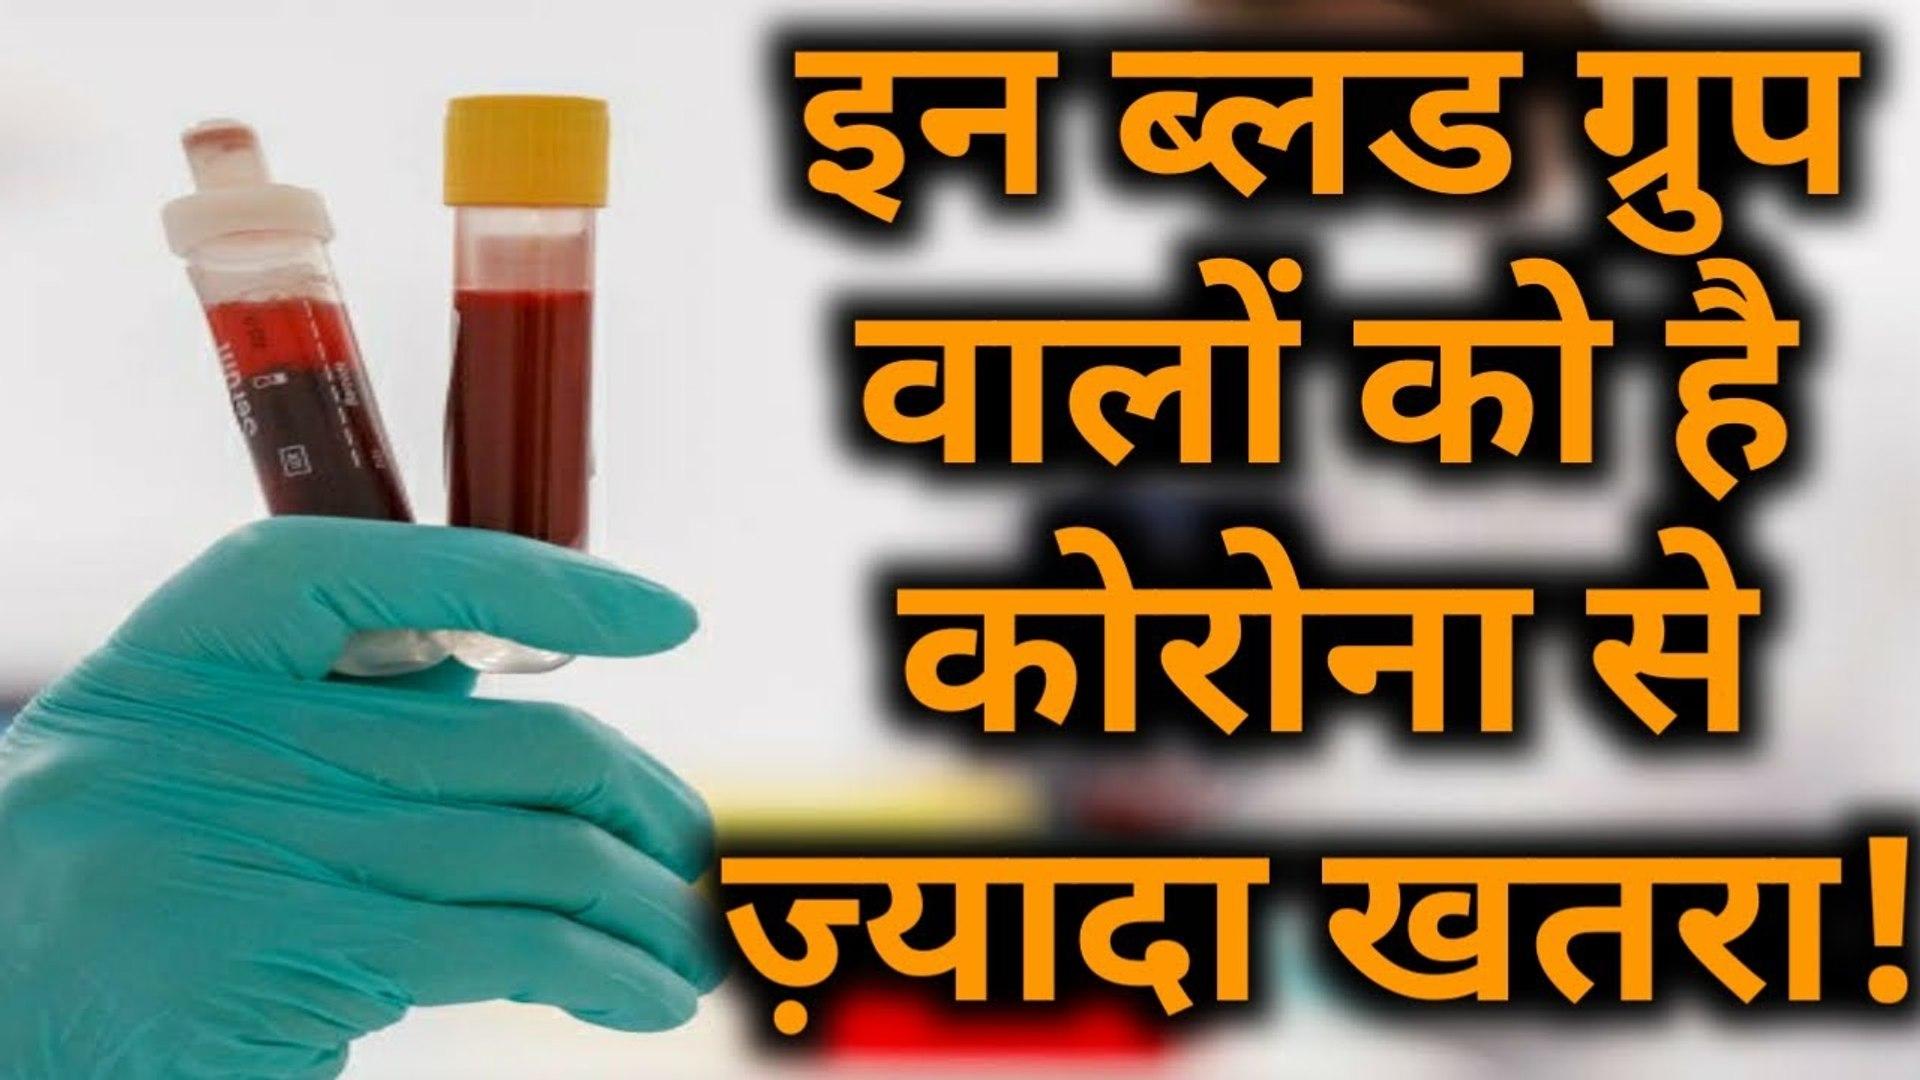 इन Blood Group वालों को है Corona Virus से सबसे ज्यादा खतरा! Research में हुआ खुलासा